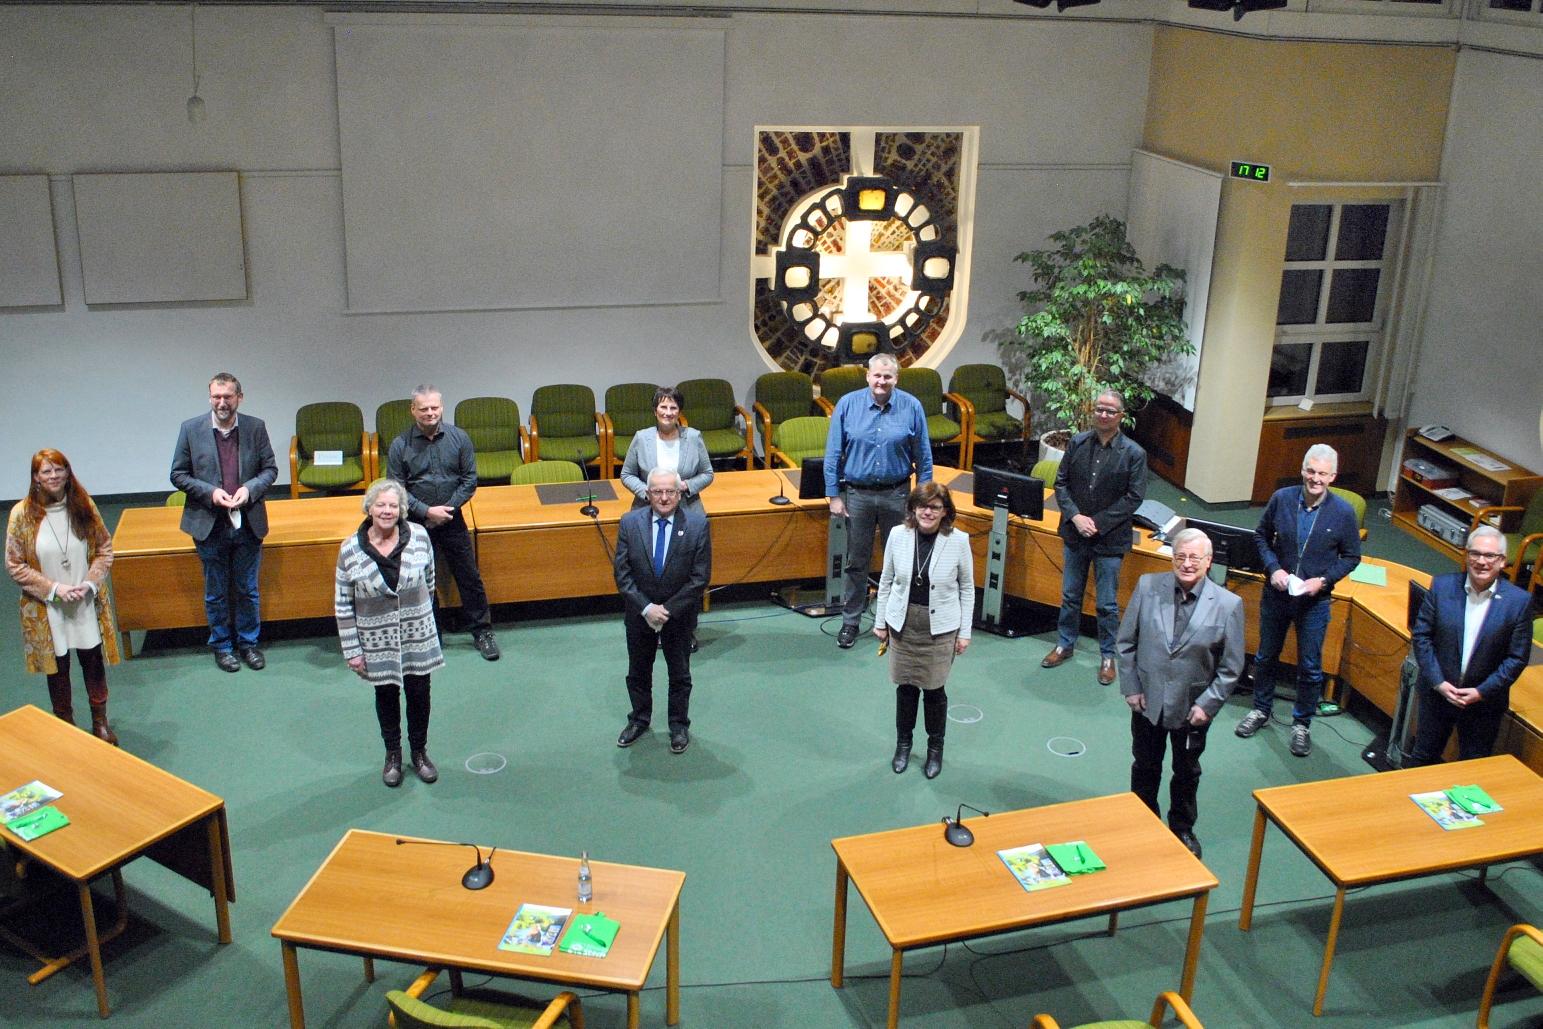 Bürgermeister Wolfgang Fischer (re.) hat gemeinsam mit seiner Allgemeinen Vertreterin Elisabeth Nieder (li.) die neuen Ortsvorsteherinnen und Ortsvorsteher der Stadt Olsberg in ihr Amt einge-führt. Bildnachweis: Stadt Olsberg